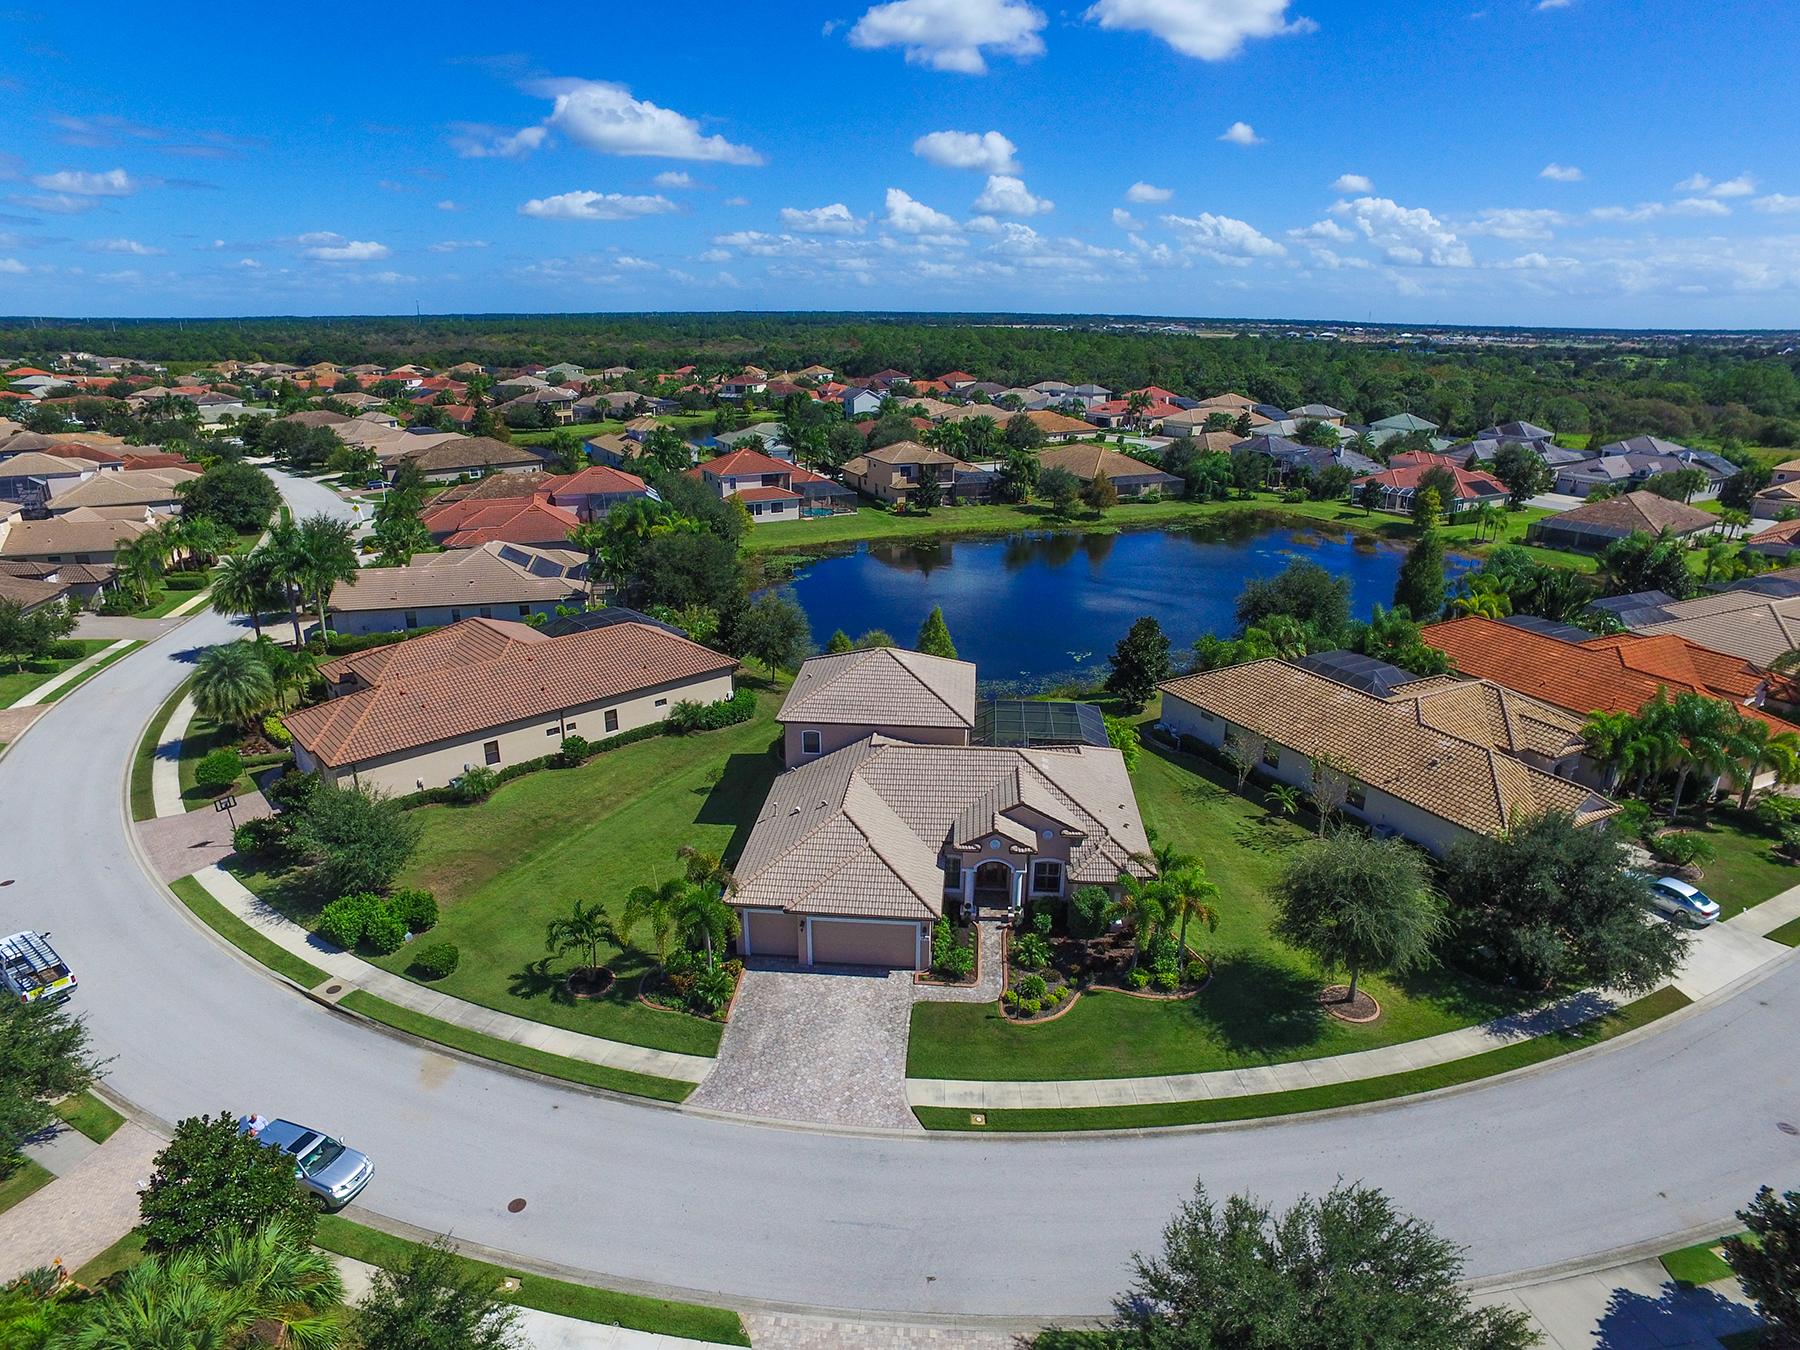 Nhà ở một gia đình vì Bán tại GREENBROOK VILLAGE 14738 Bowfin Terr Lakewood Ranch, Florida, 34202 Hoa Kỳ